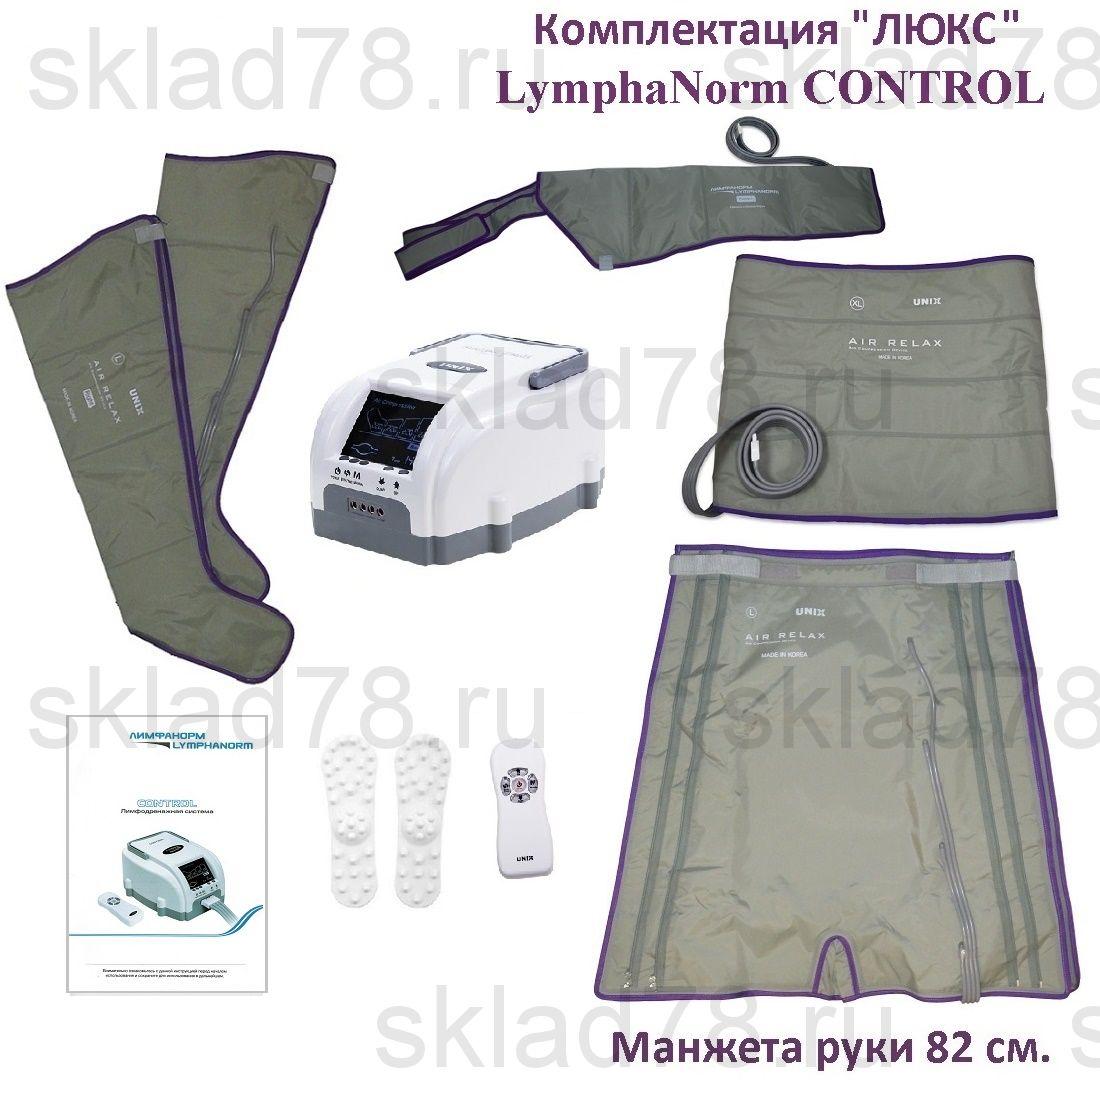 LymphaNorm CONTROL Лимфодренаж «ЛЮКС» (рука 82 см.)